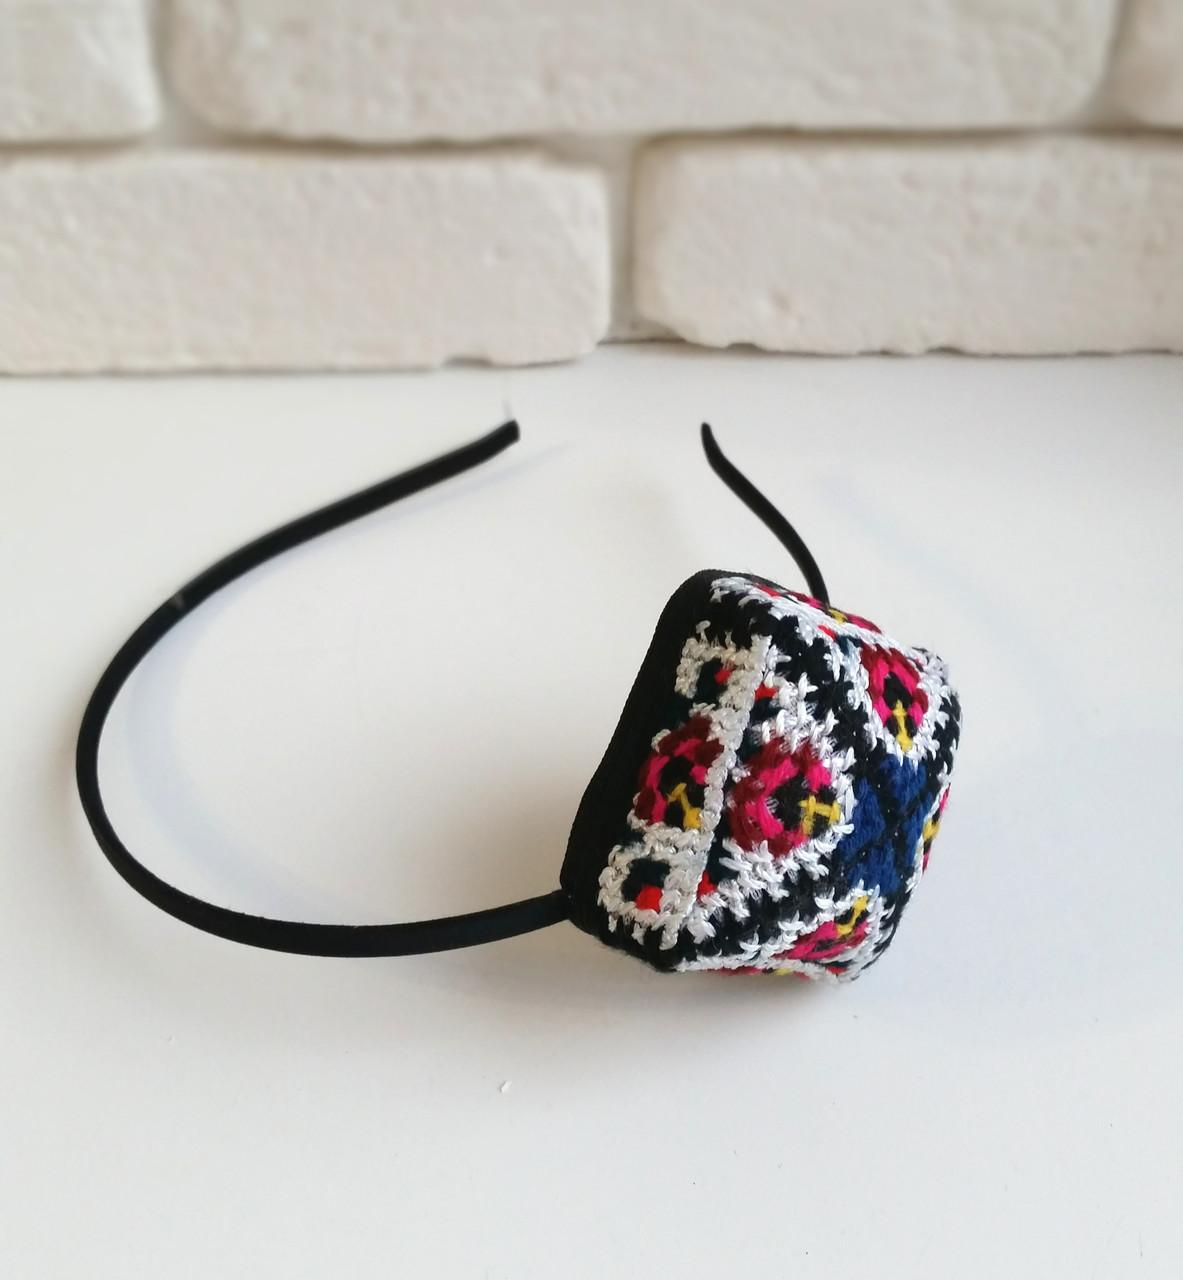 Обруч с мини-тюбетейкой для волос. Узбекистан